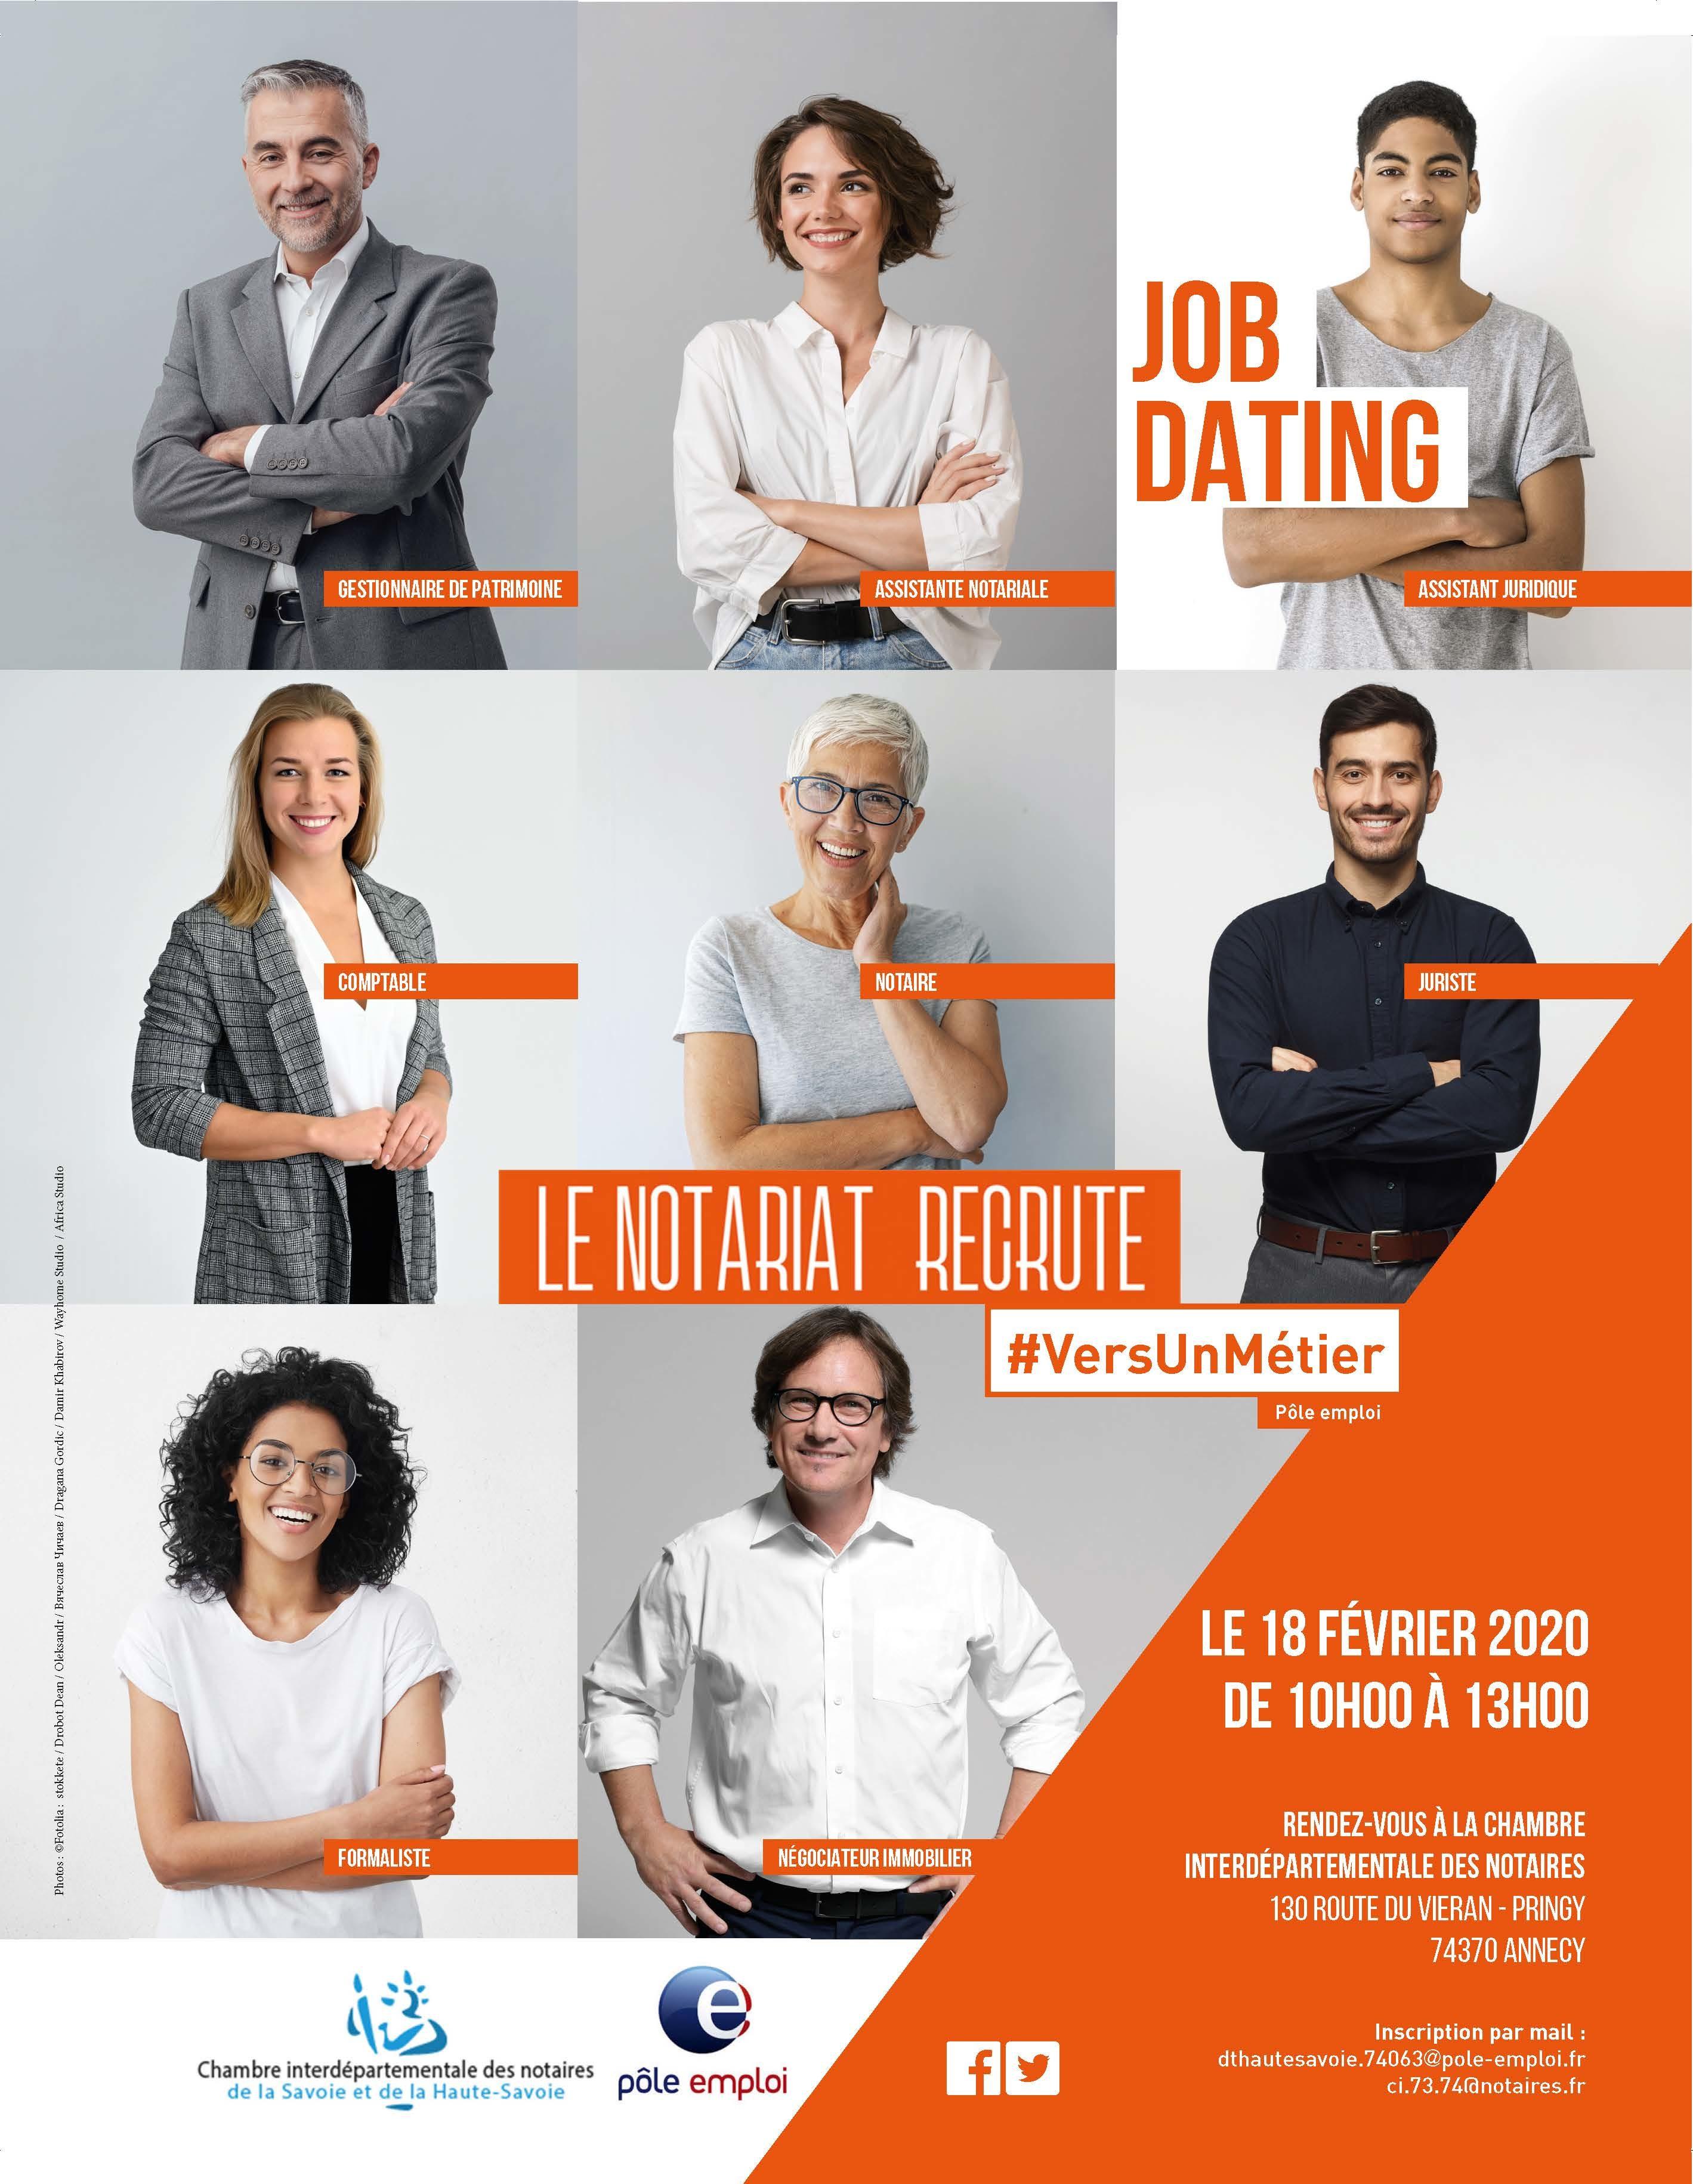 Affige 2 Job Dating 18 février 2020.jpg